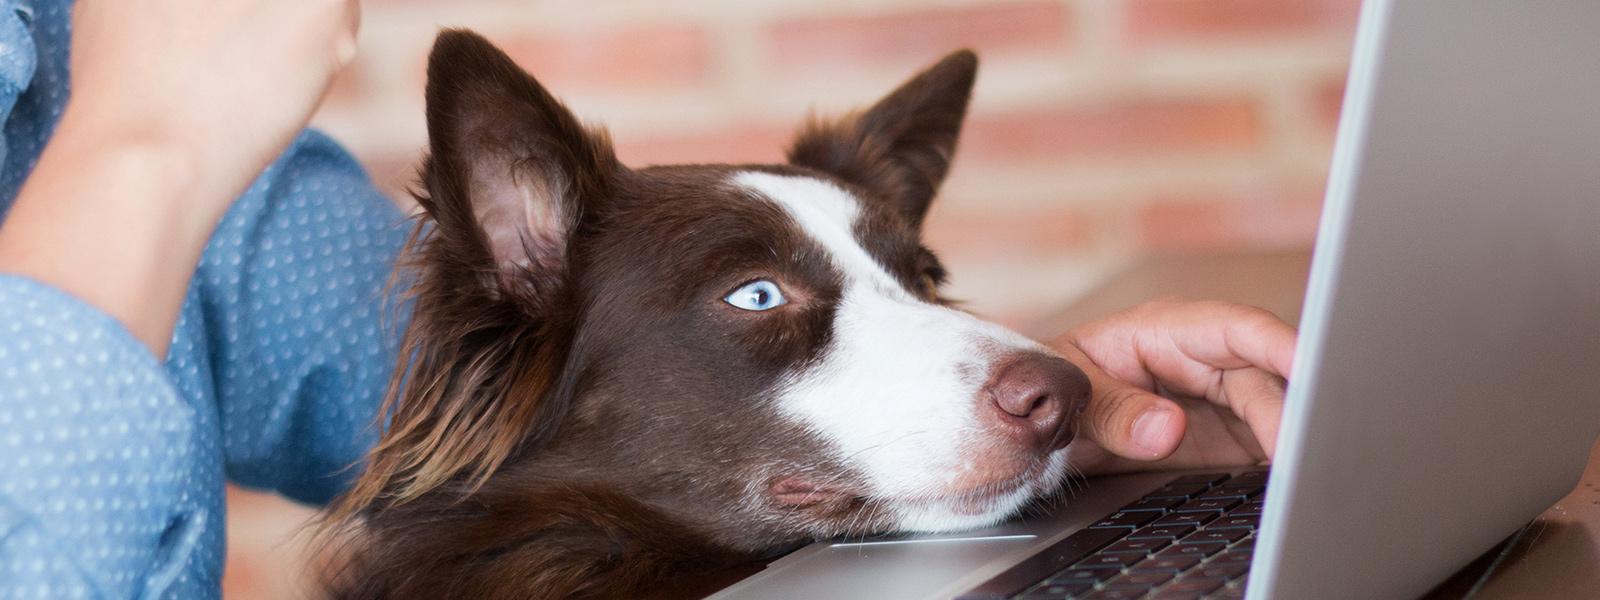 Brown dog looking at laptop